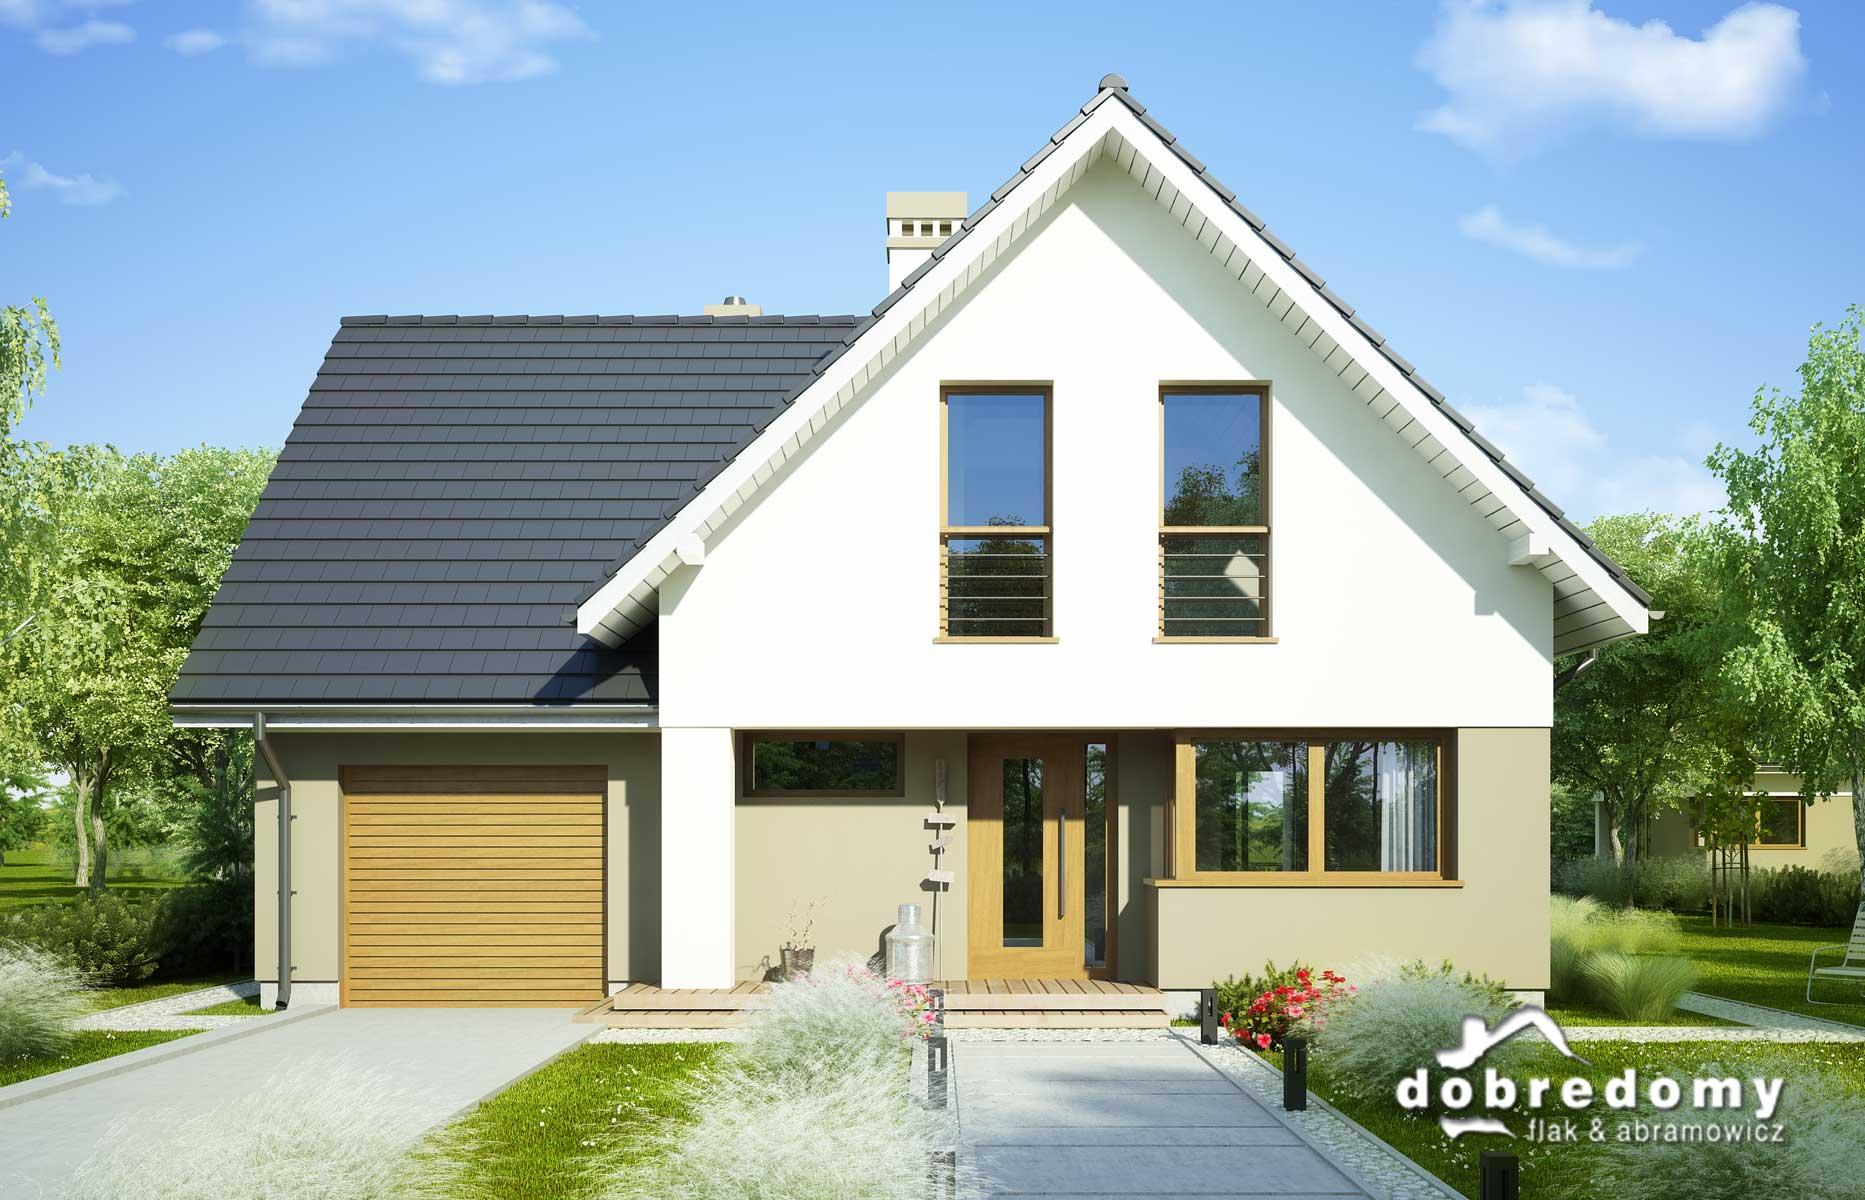 Ekologiczne sposoby ogrzewania domu – kolektory słoneczne, pompy ciepła lub kotły na pellet